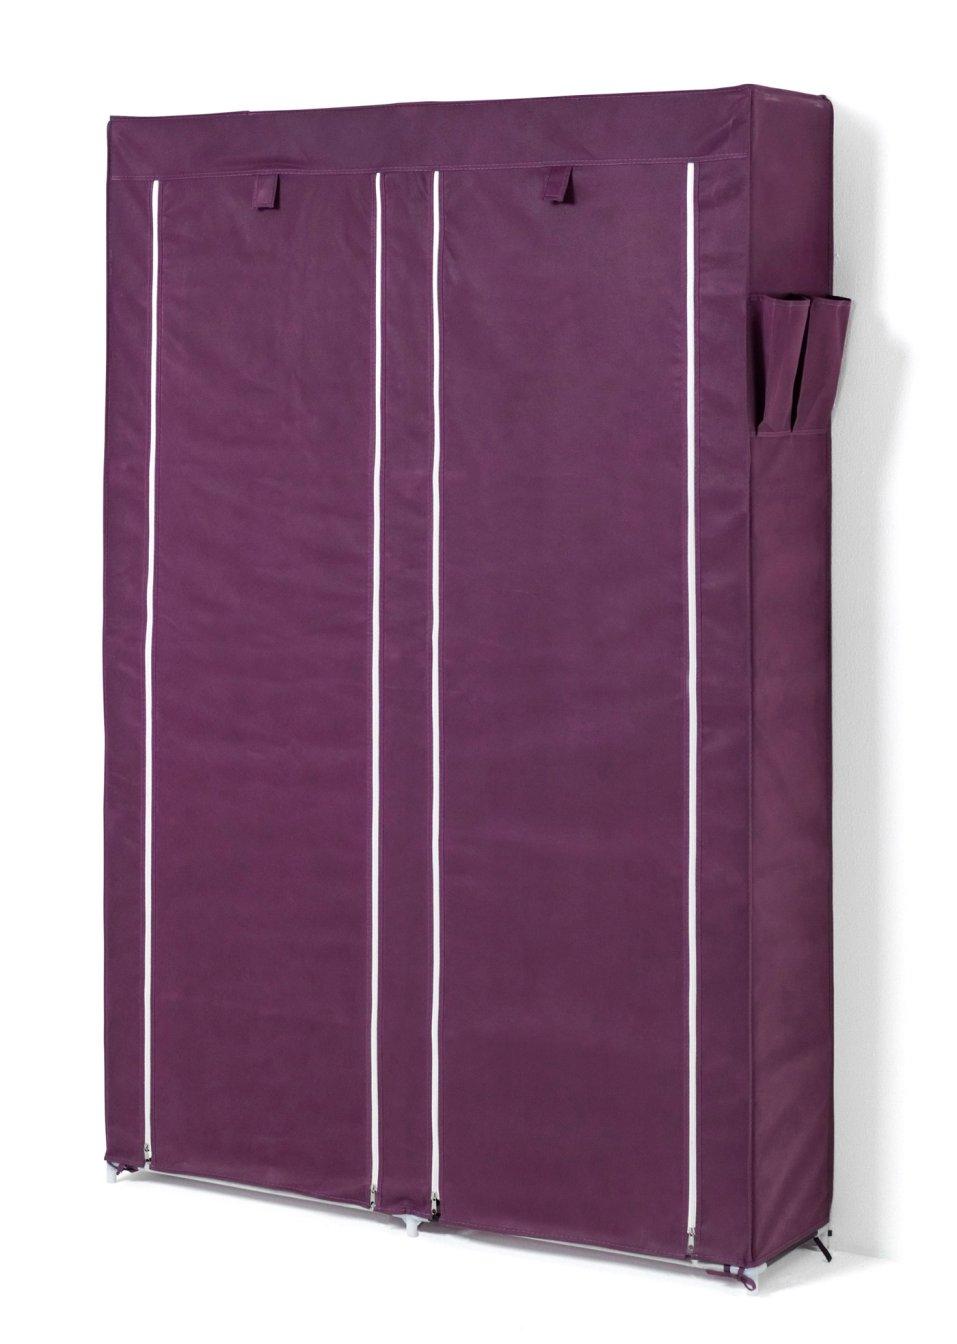 schuhe sicher aufbewahren im schuhschrank lore lila mit 12 f chern. Black Bedroom Furniture Sets. Home Design Ideas